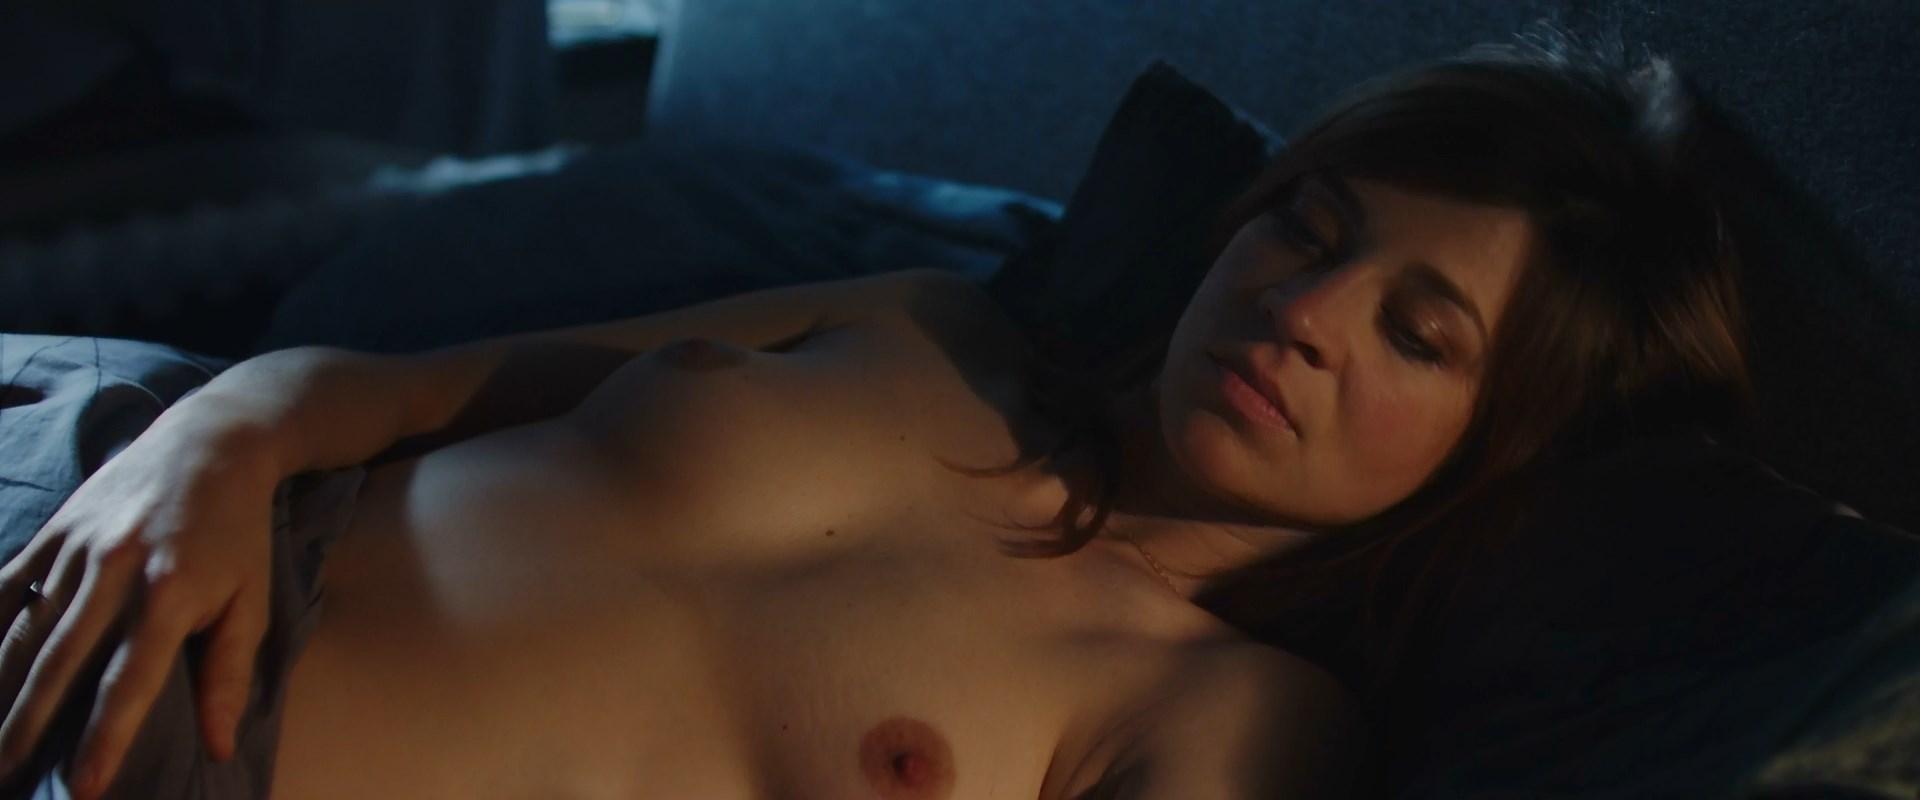 Ella nackt